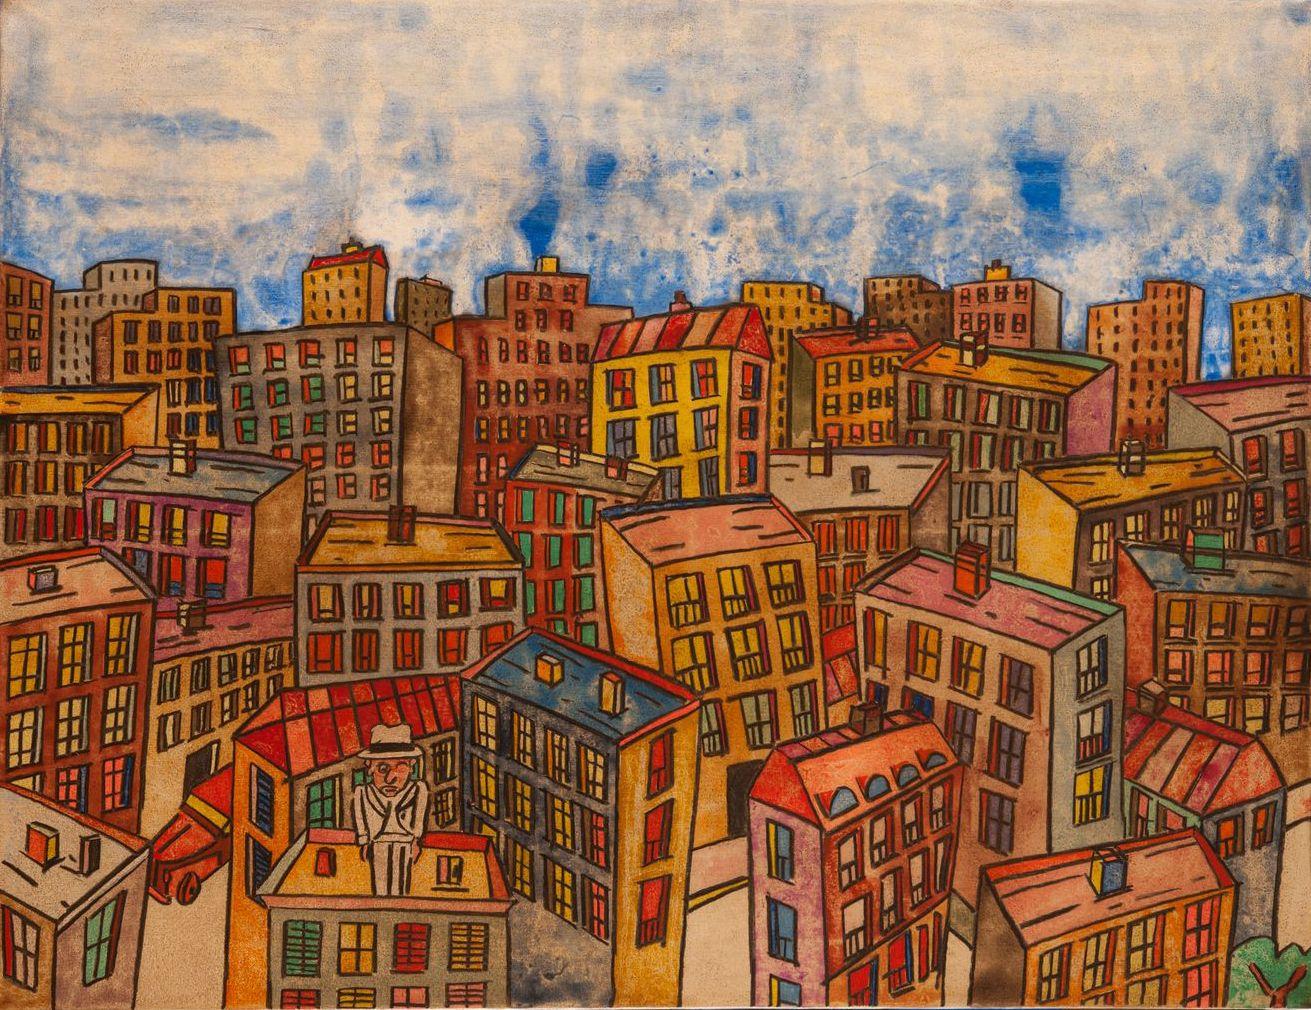 Antonio Segui Art Town & City Artiste Galerie